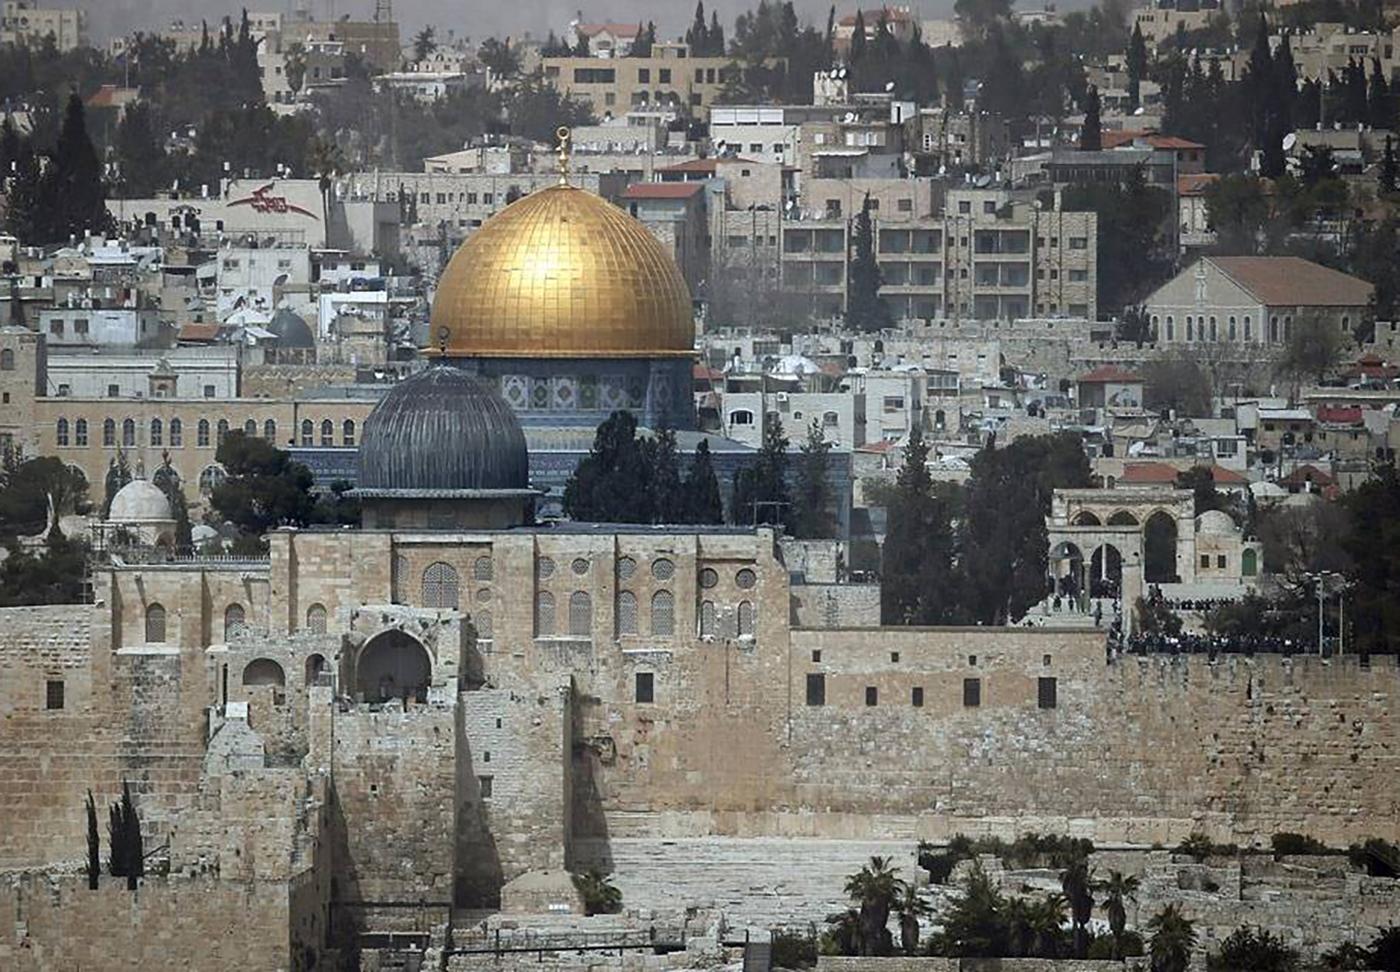 Un touriste américain à la chasse au trésor dans les sous-sols de Jérusalem